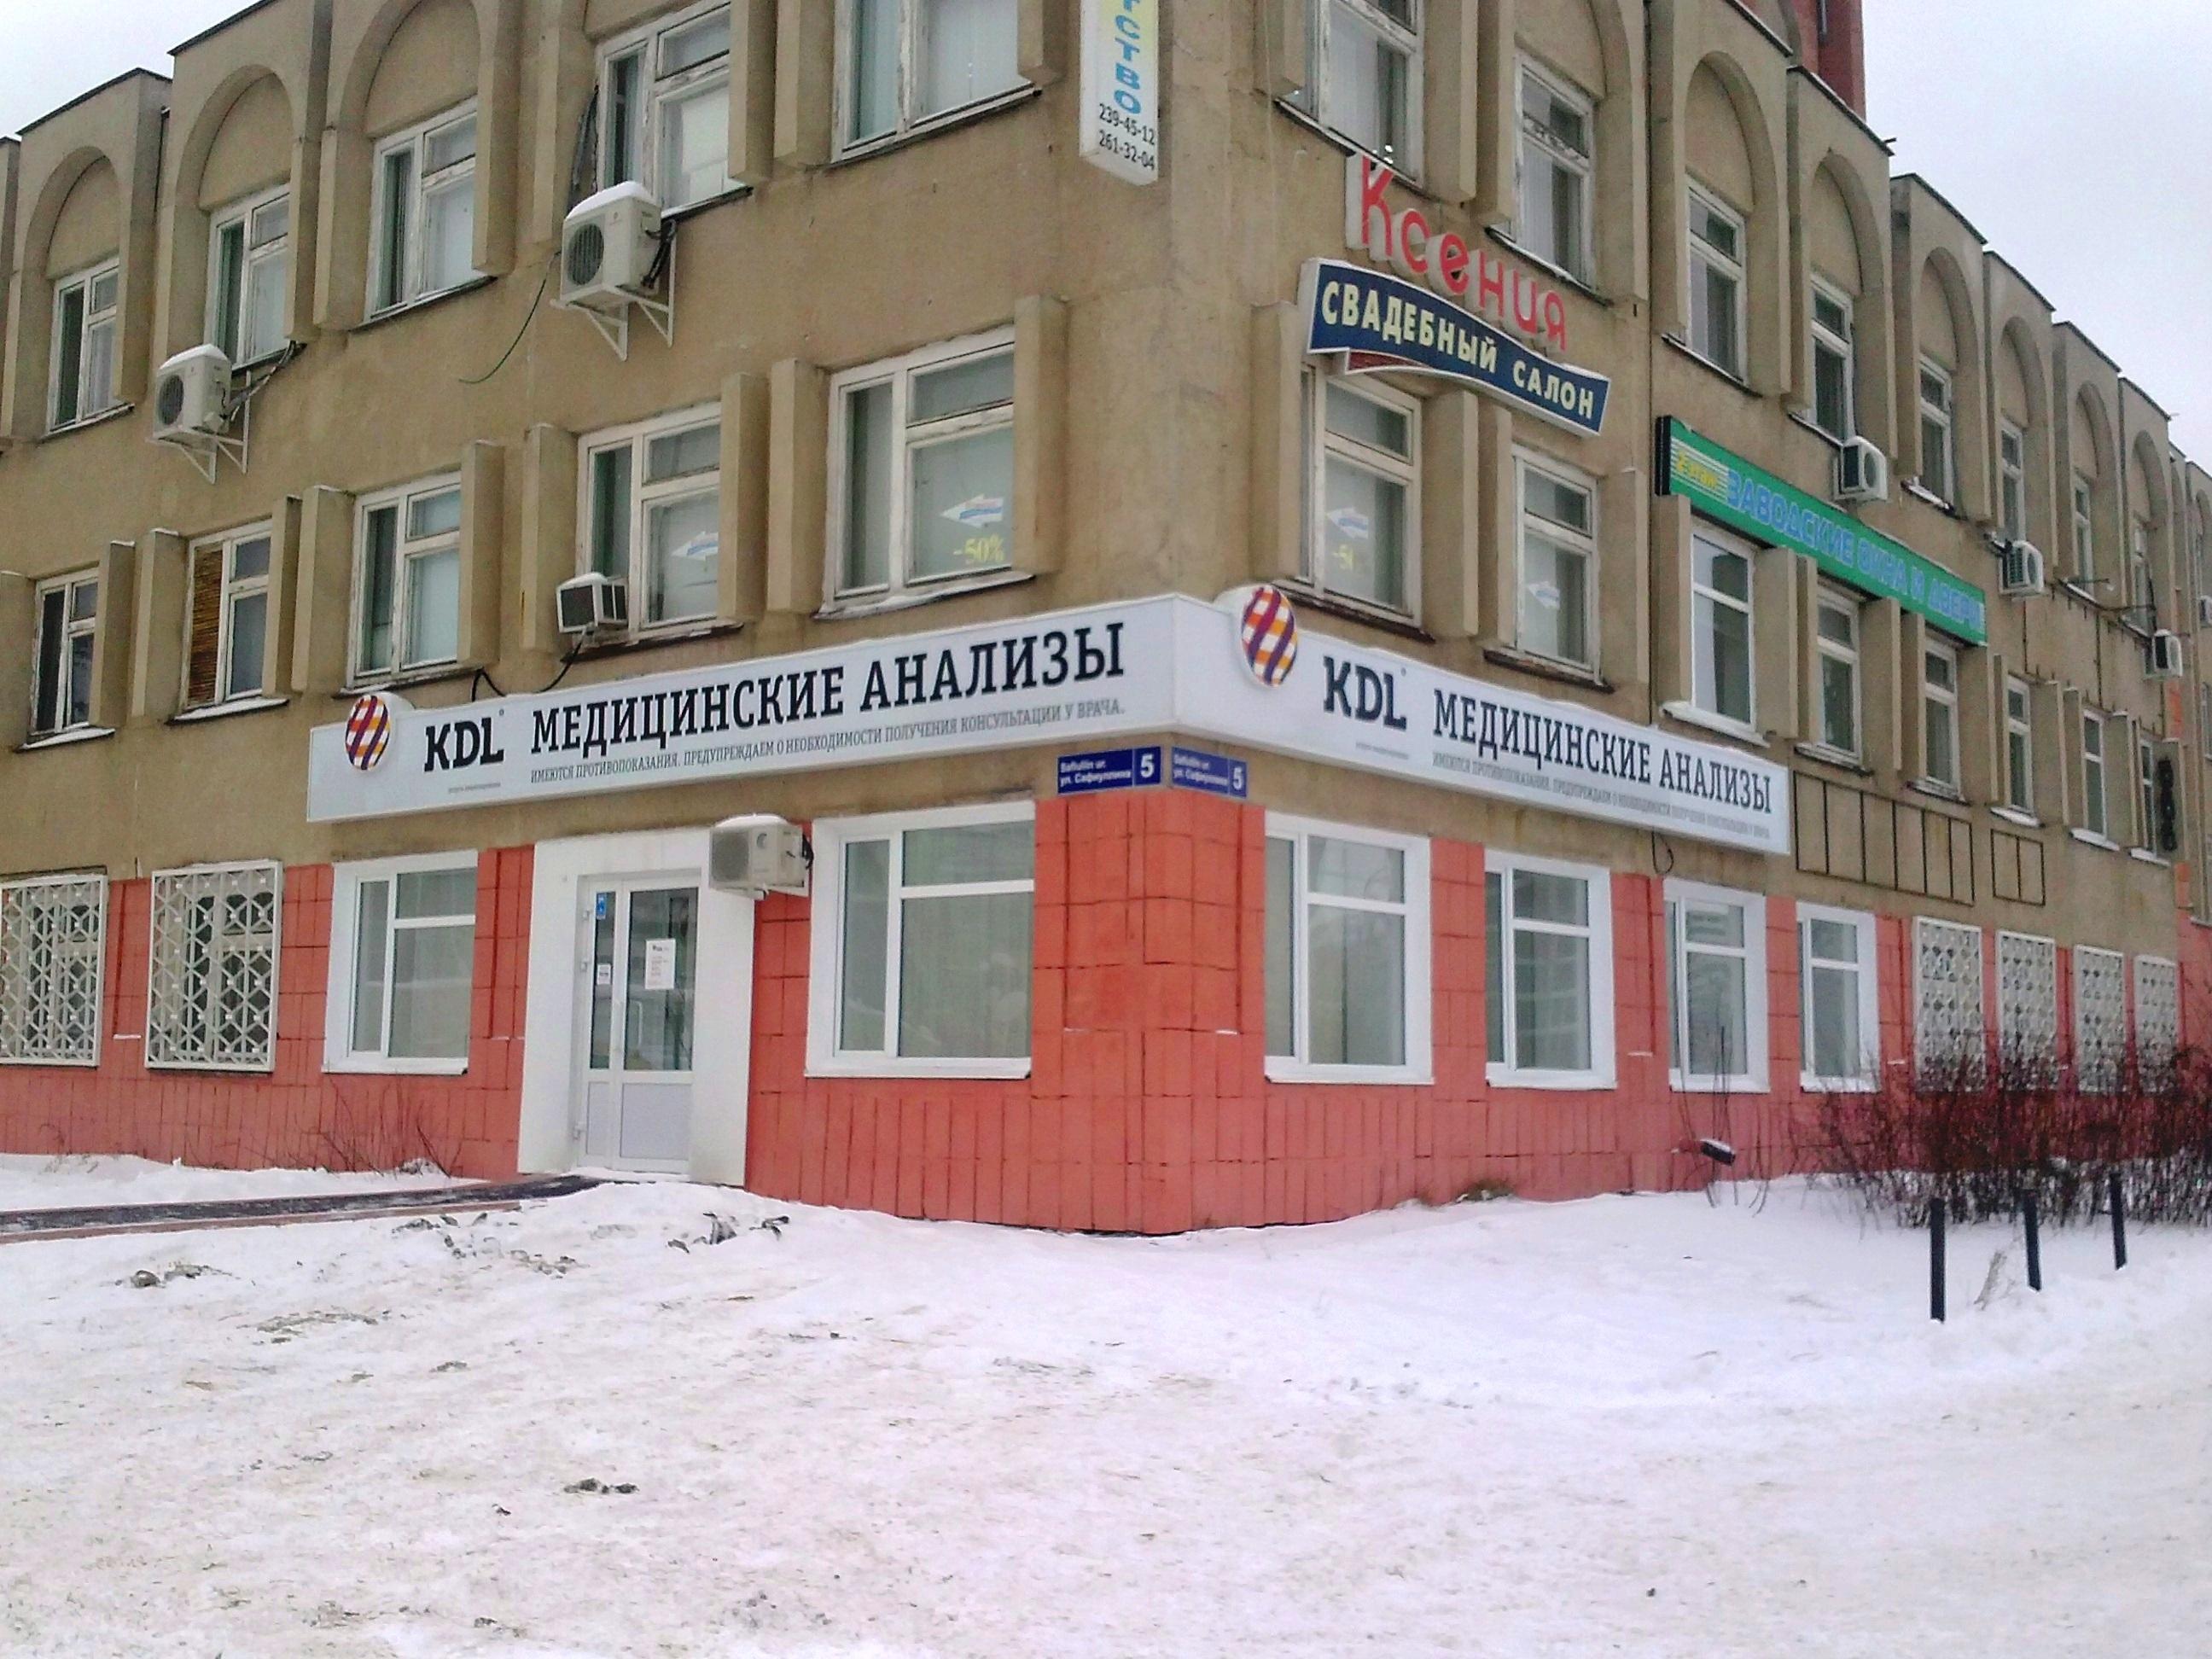 Монтаж и изготовление вывески для лаборатории KDL в Казани